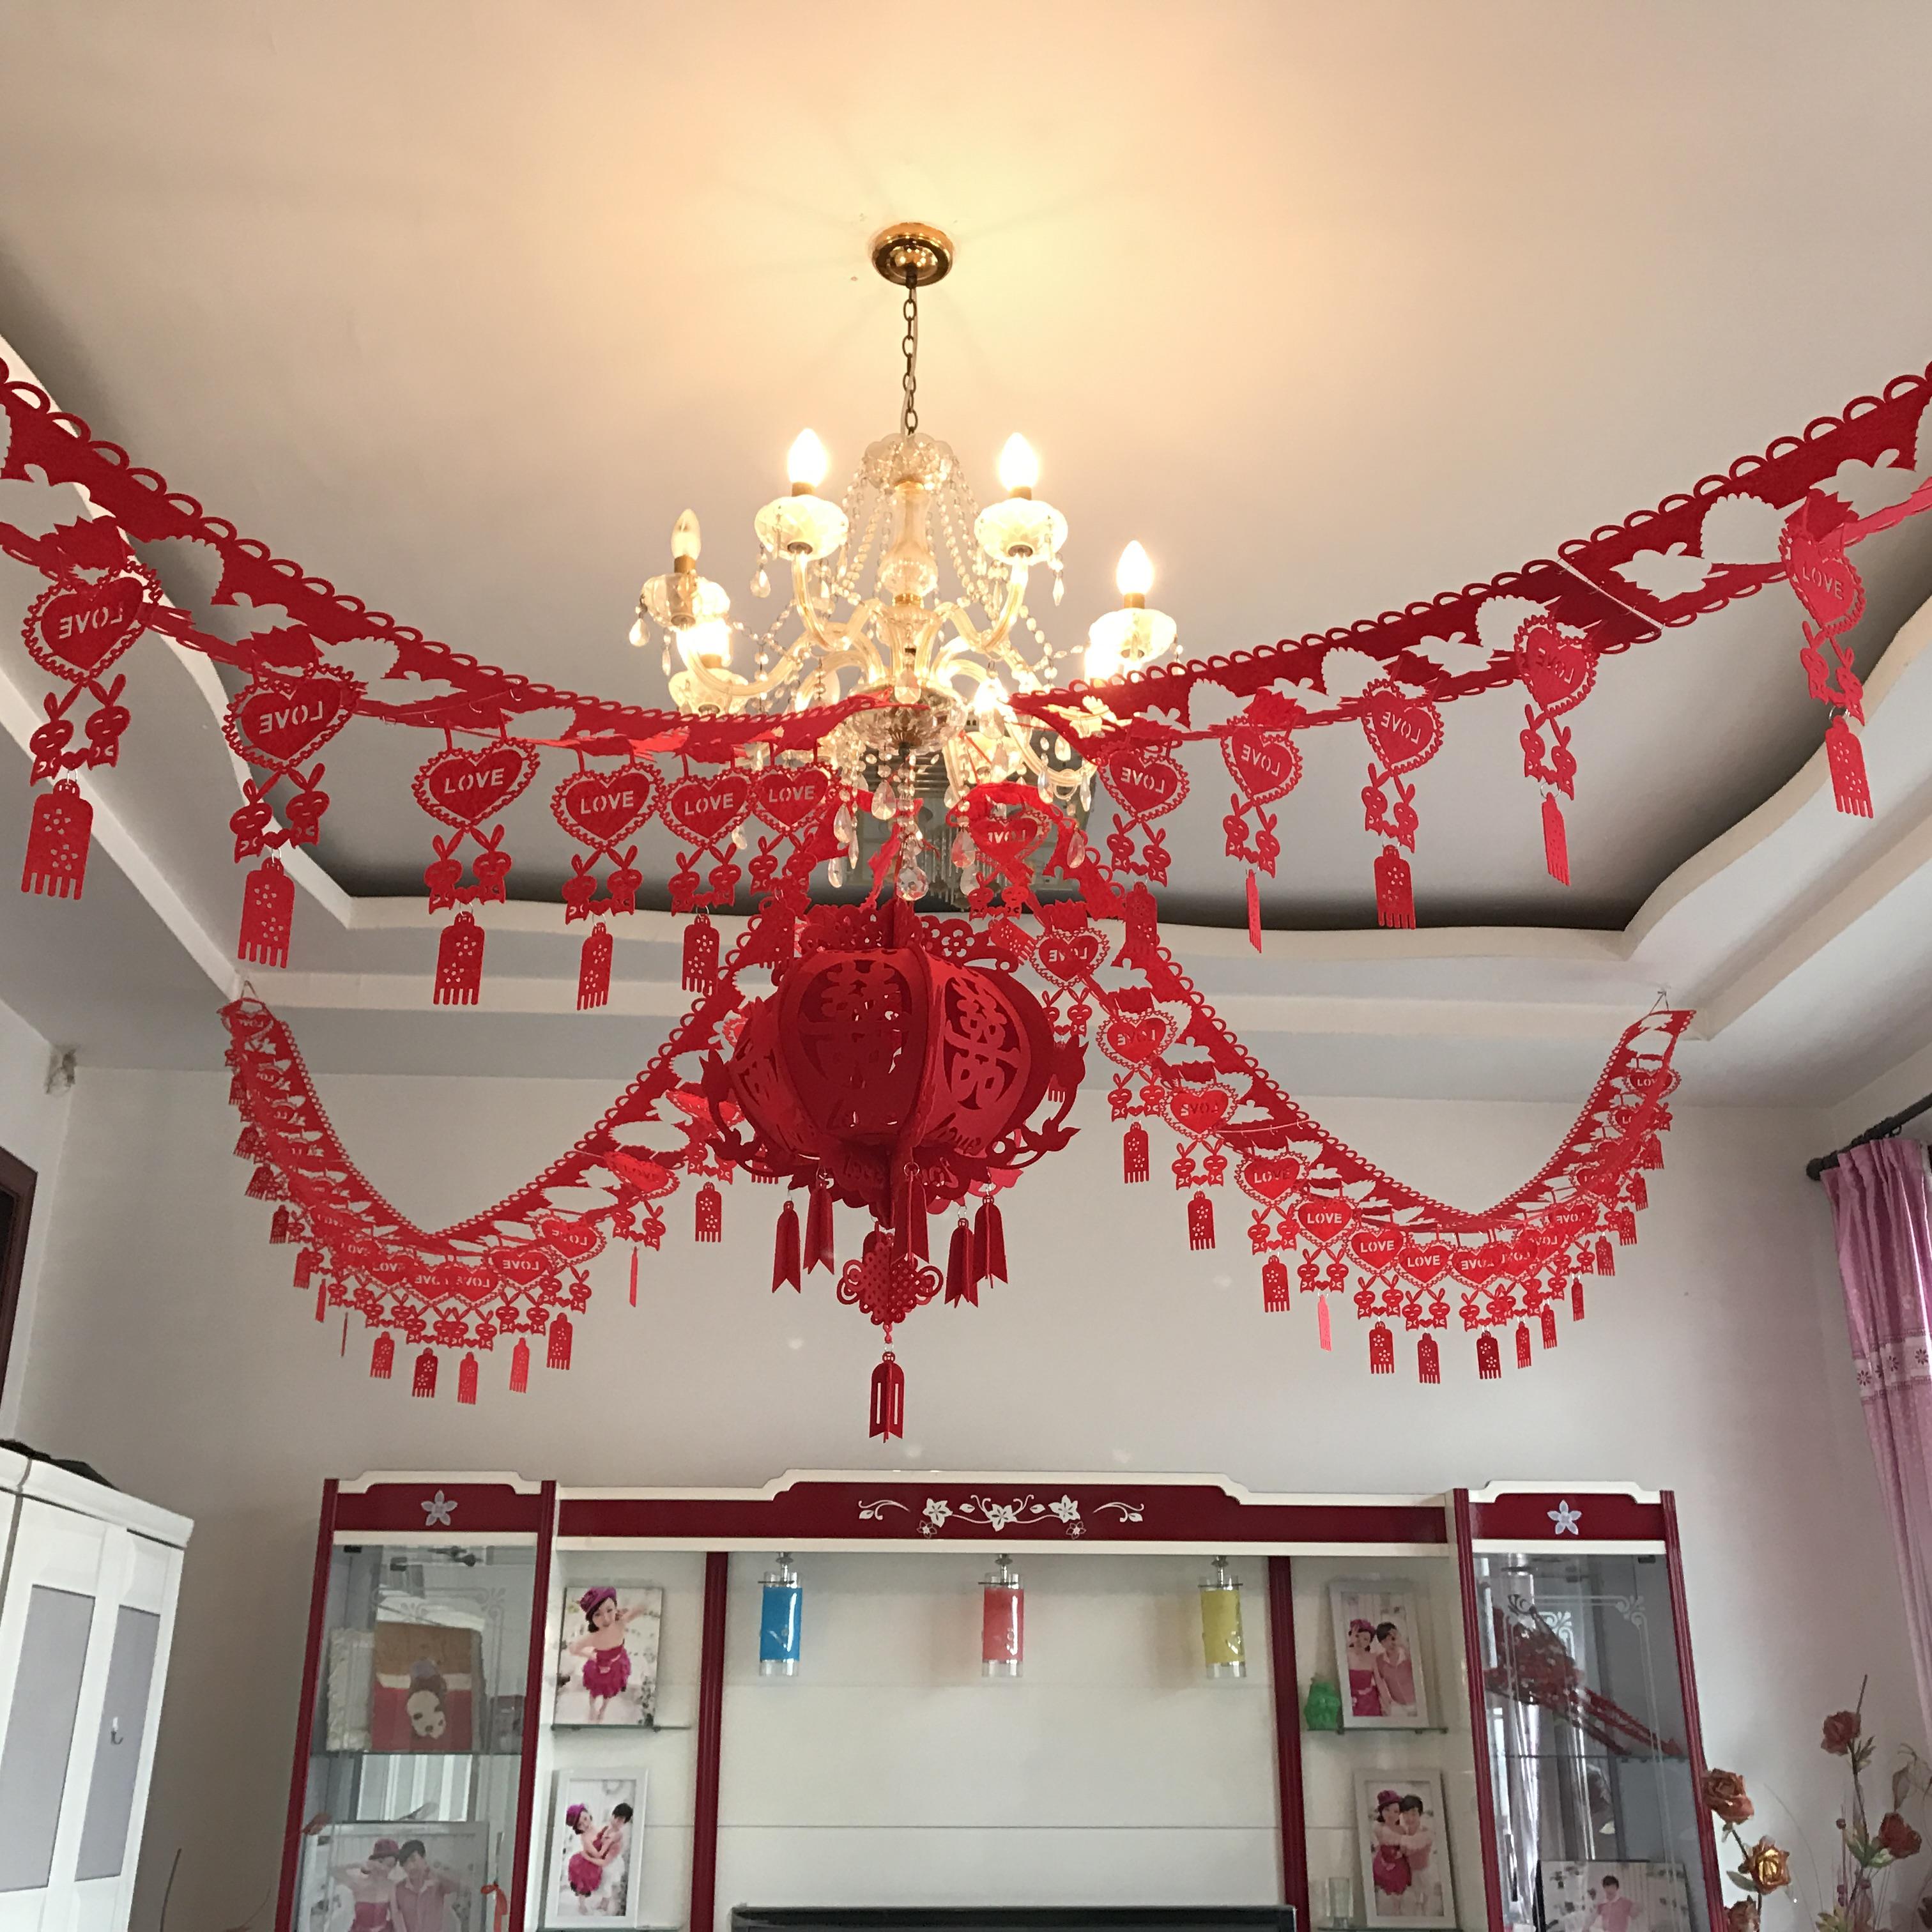 红鑫品创意婚房婚礼装饰客厅无纺布喜字拉花彩带婚庆立体灯笼